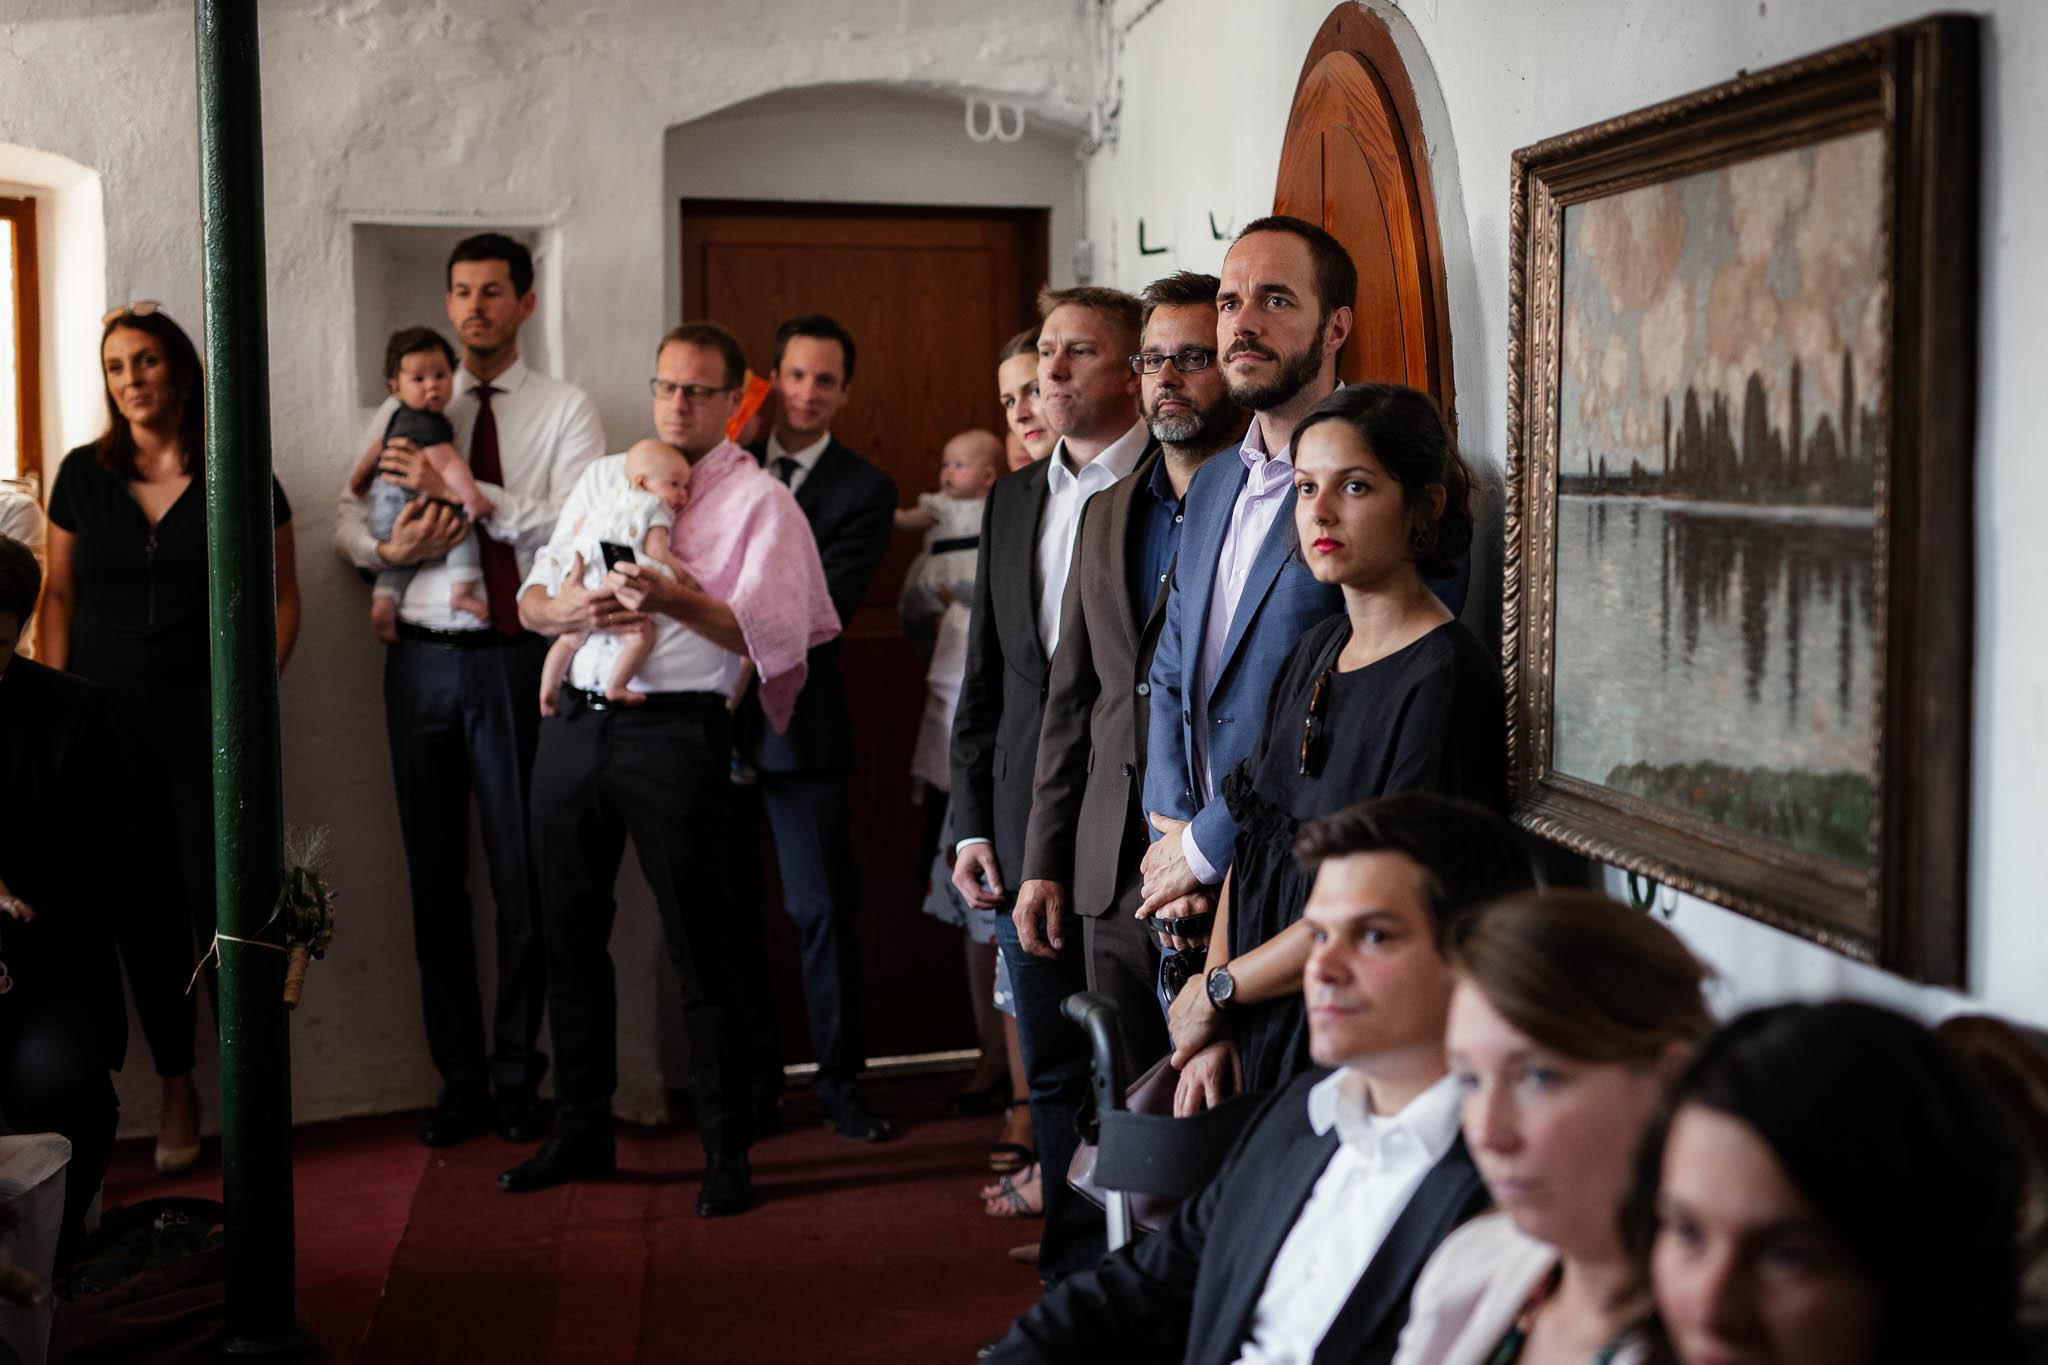 Hochzeitsfotograf Guntersblum, Domhof - Hochzeit von Ina & Johannes 16